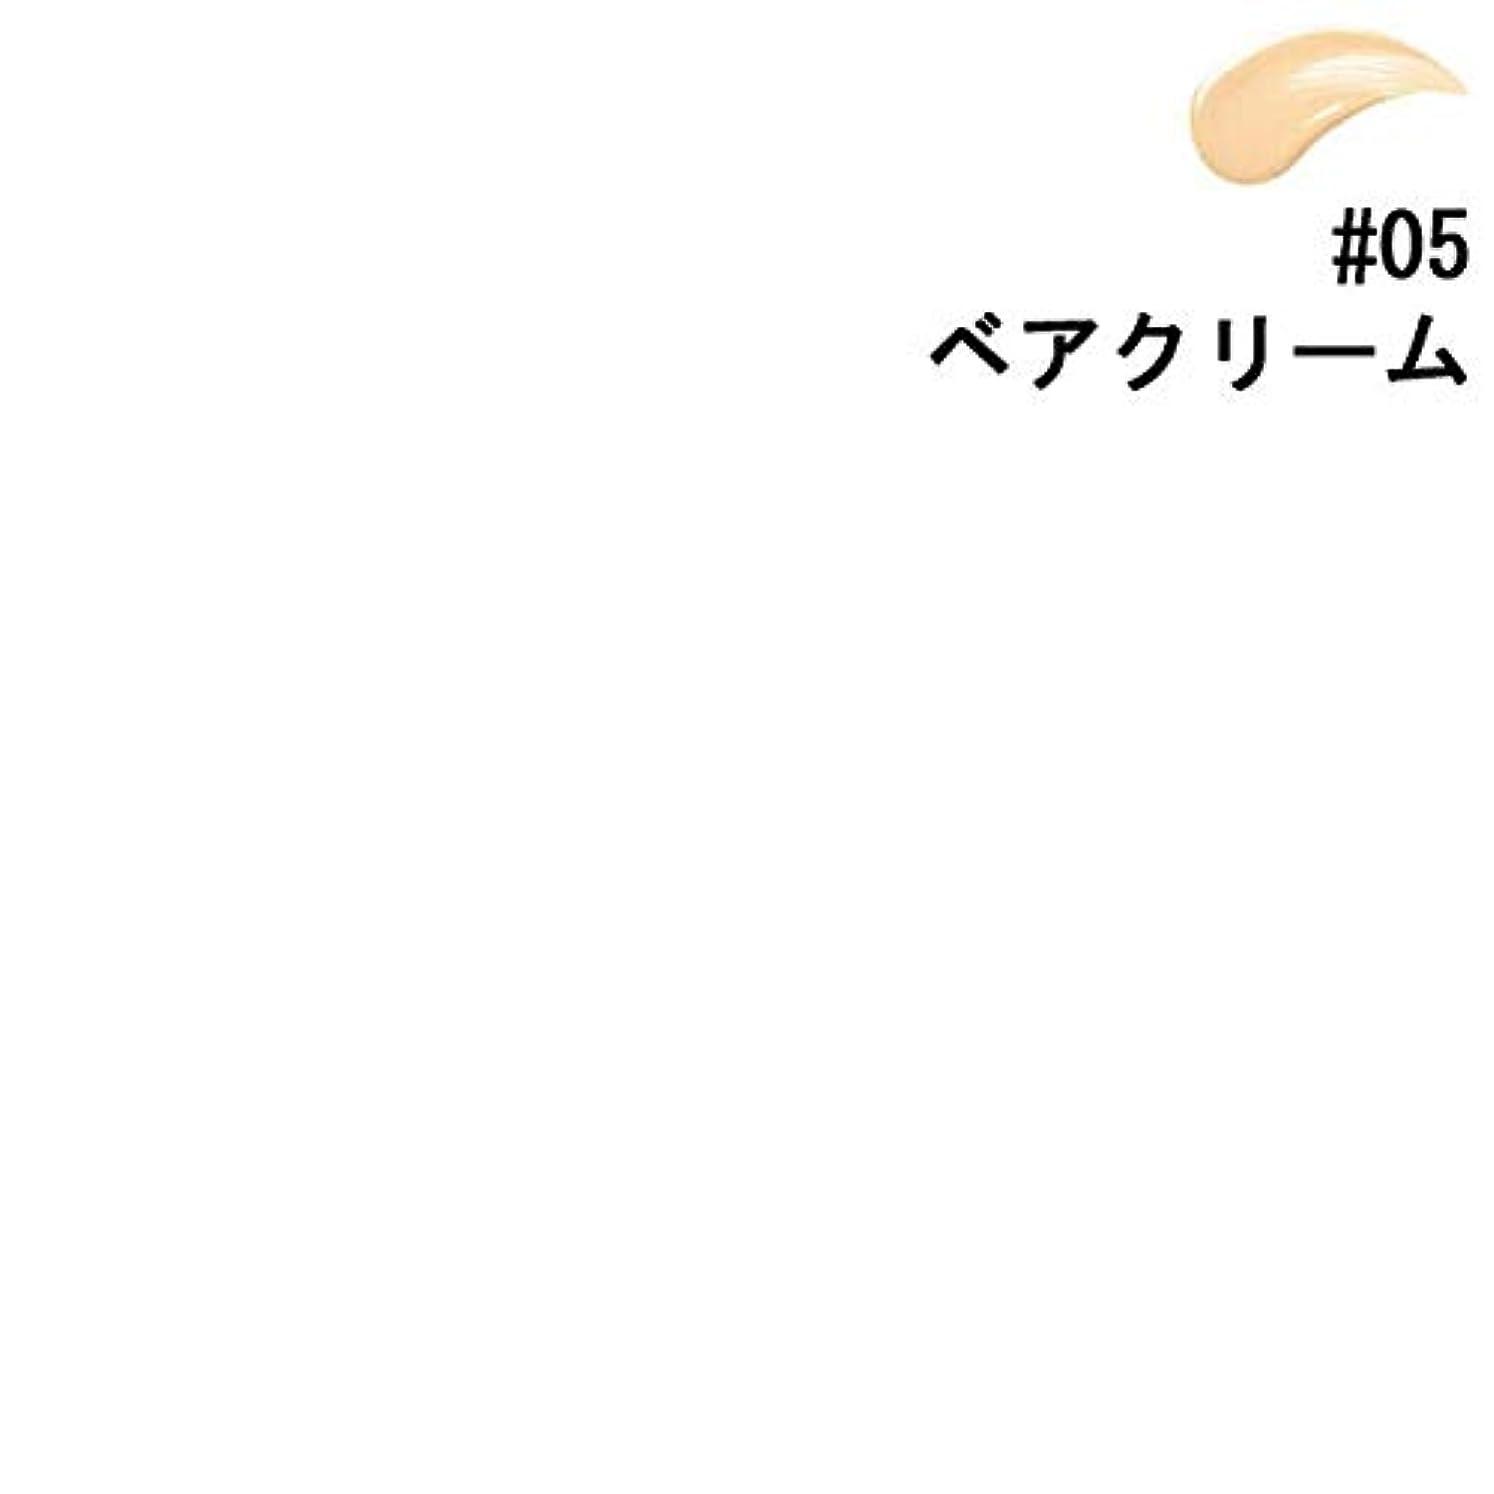 フィット手書き体操選手【ベアミネラル】ベアミネラル ベア ファンデーション #05 ベアクリーム 30ml [並行輸入品]